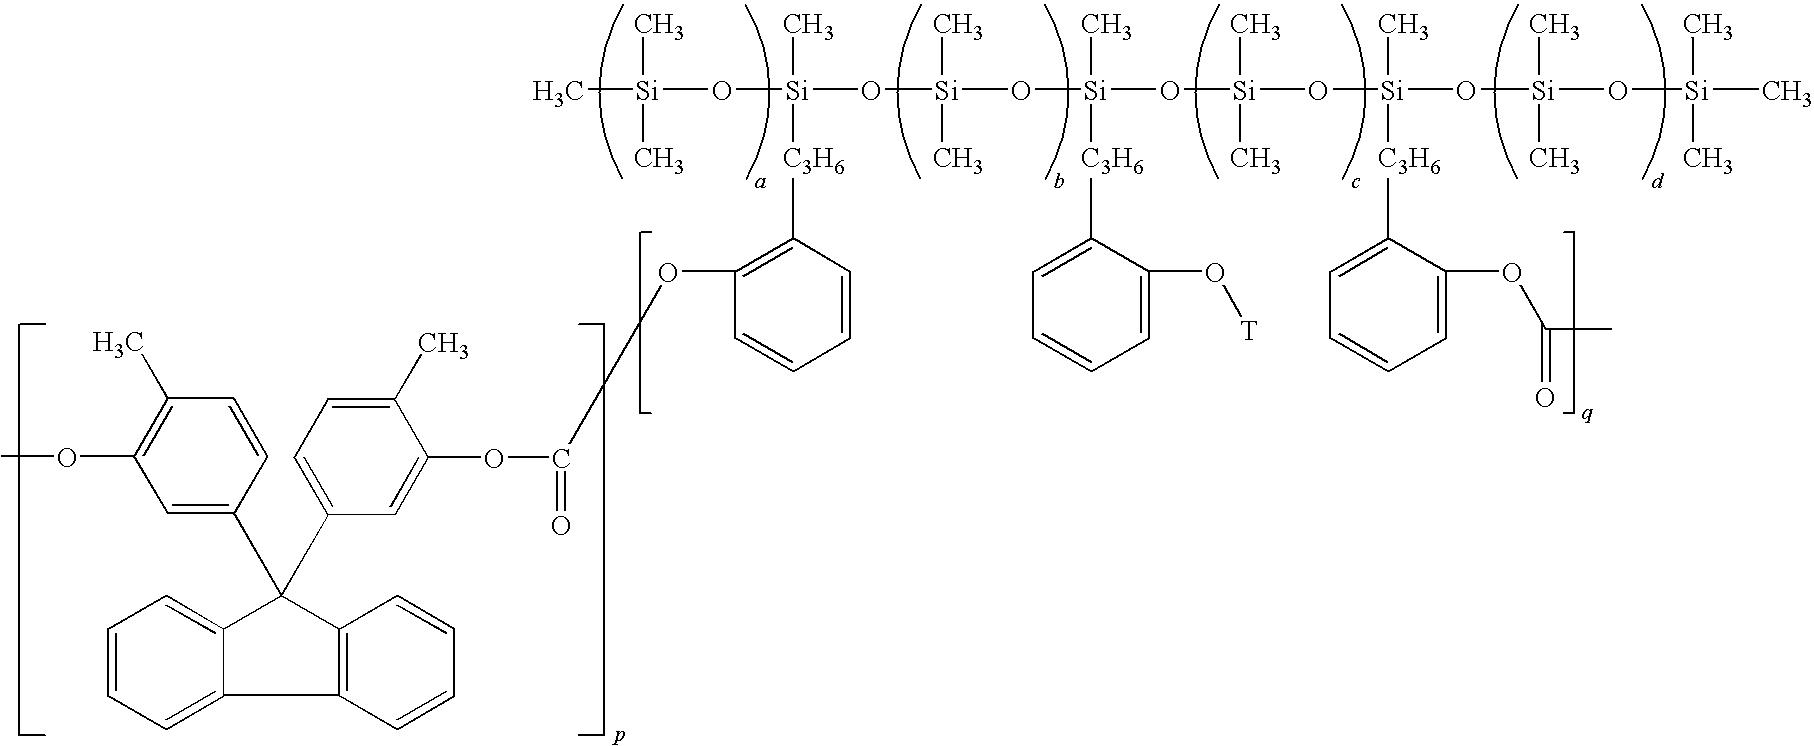 Figure US07943278-20110517-C00028